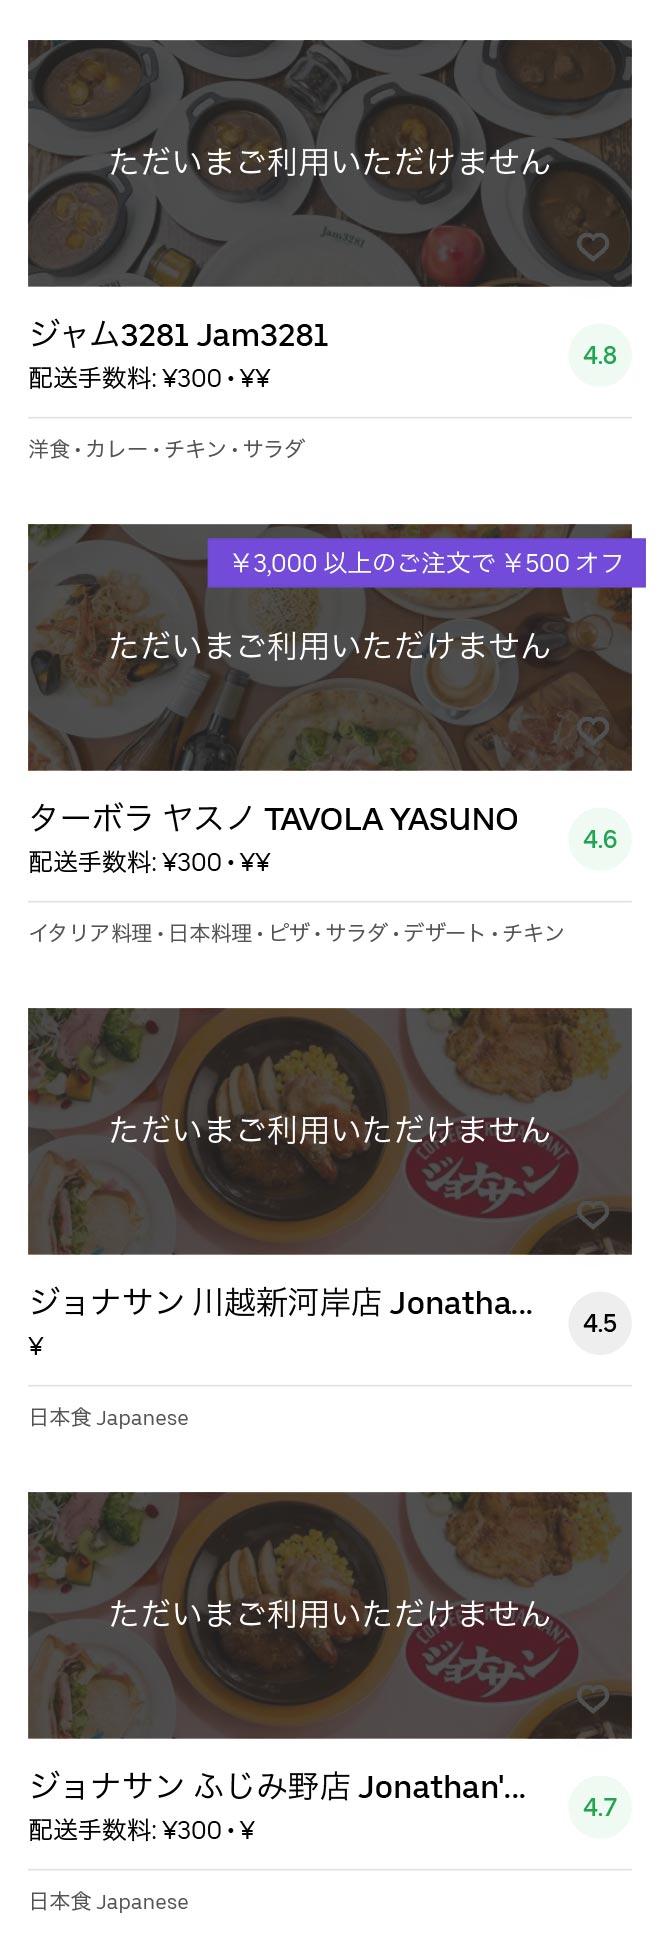 Fujimino kamifukuoka menu 2004 05